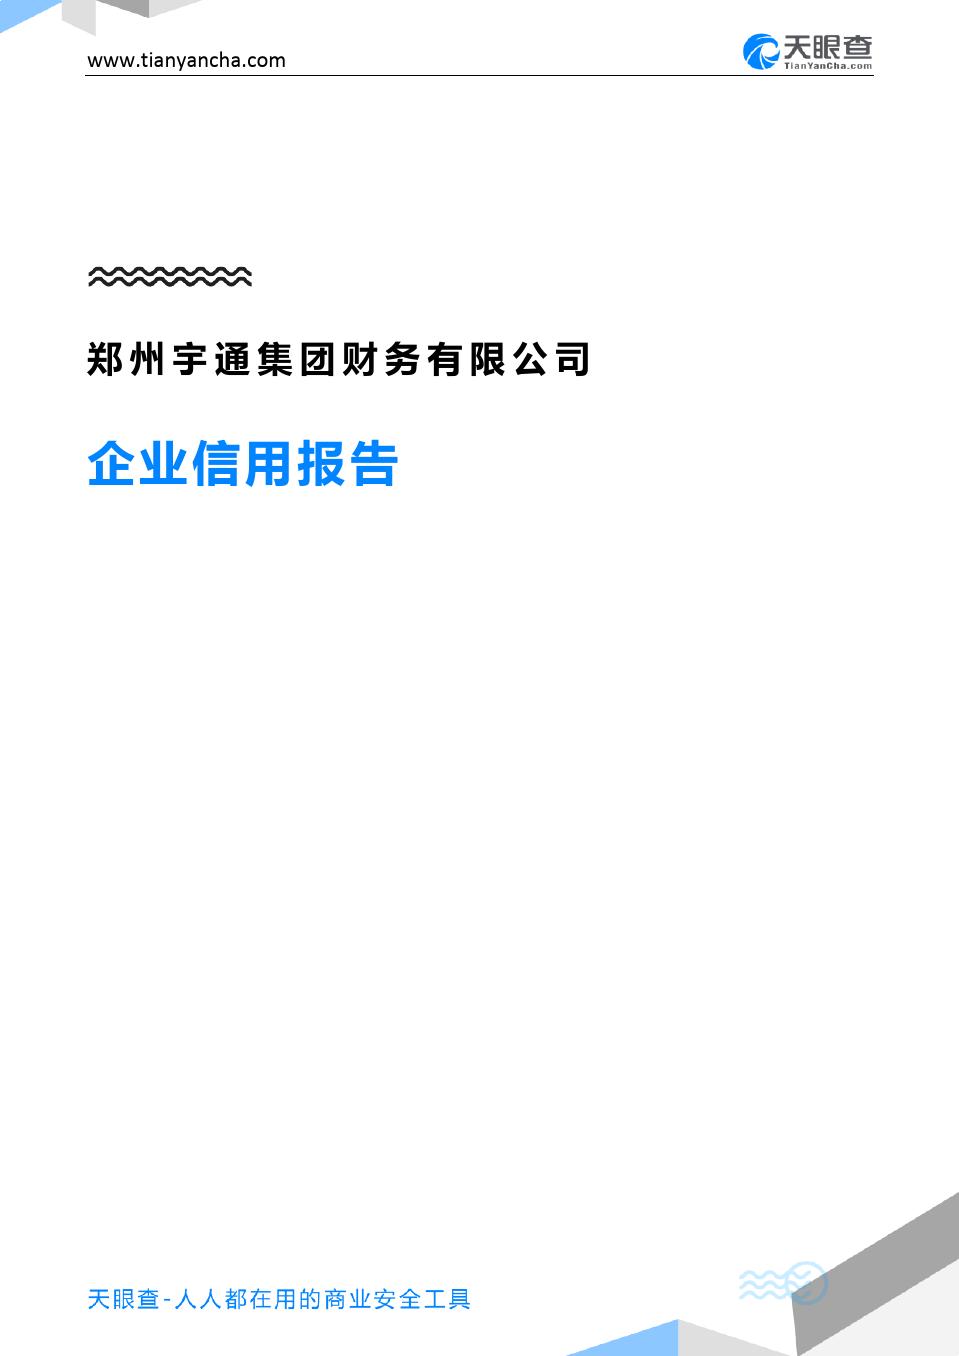 郑州宇通集团财务有限公司(企业信用报告)- 天眼查